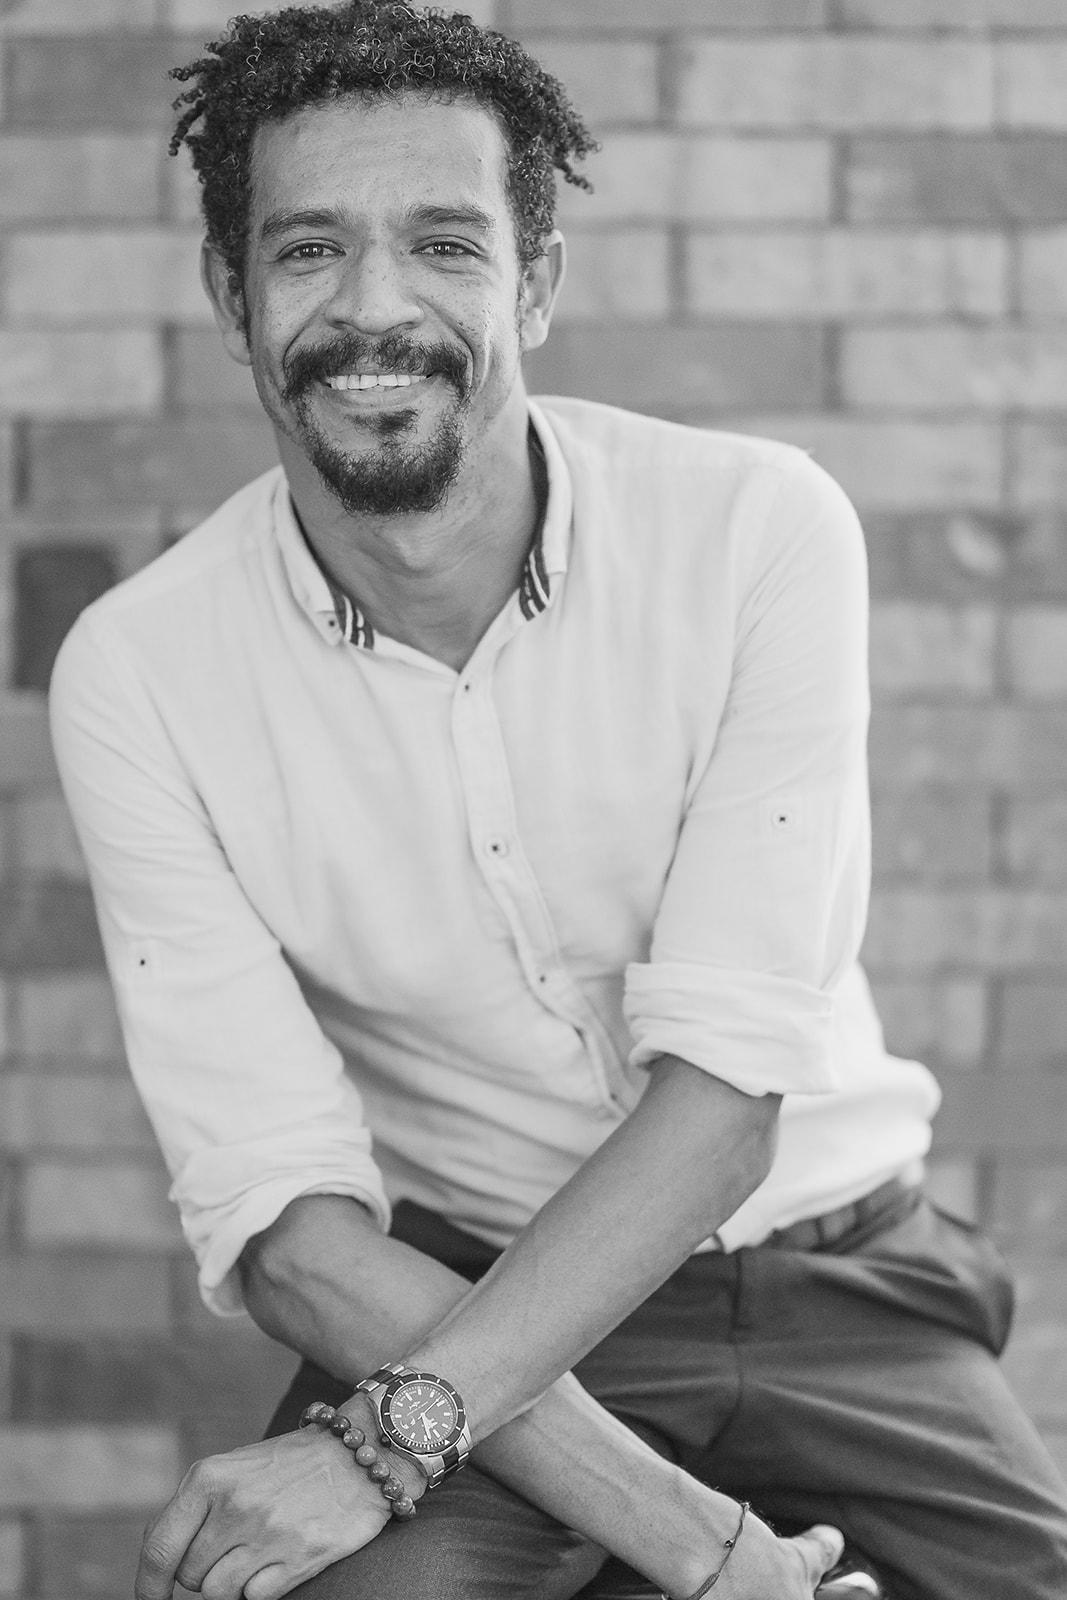 Carlos Almeida JrGroups & Events Specialst